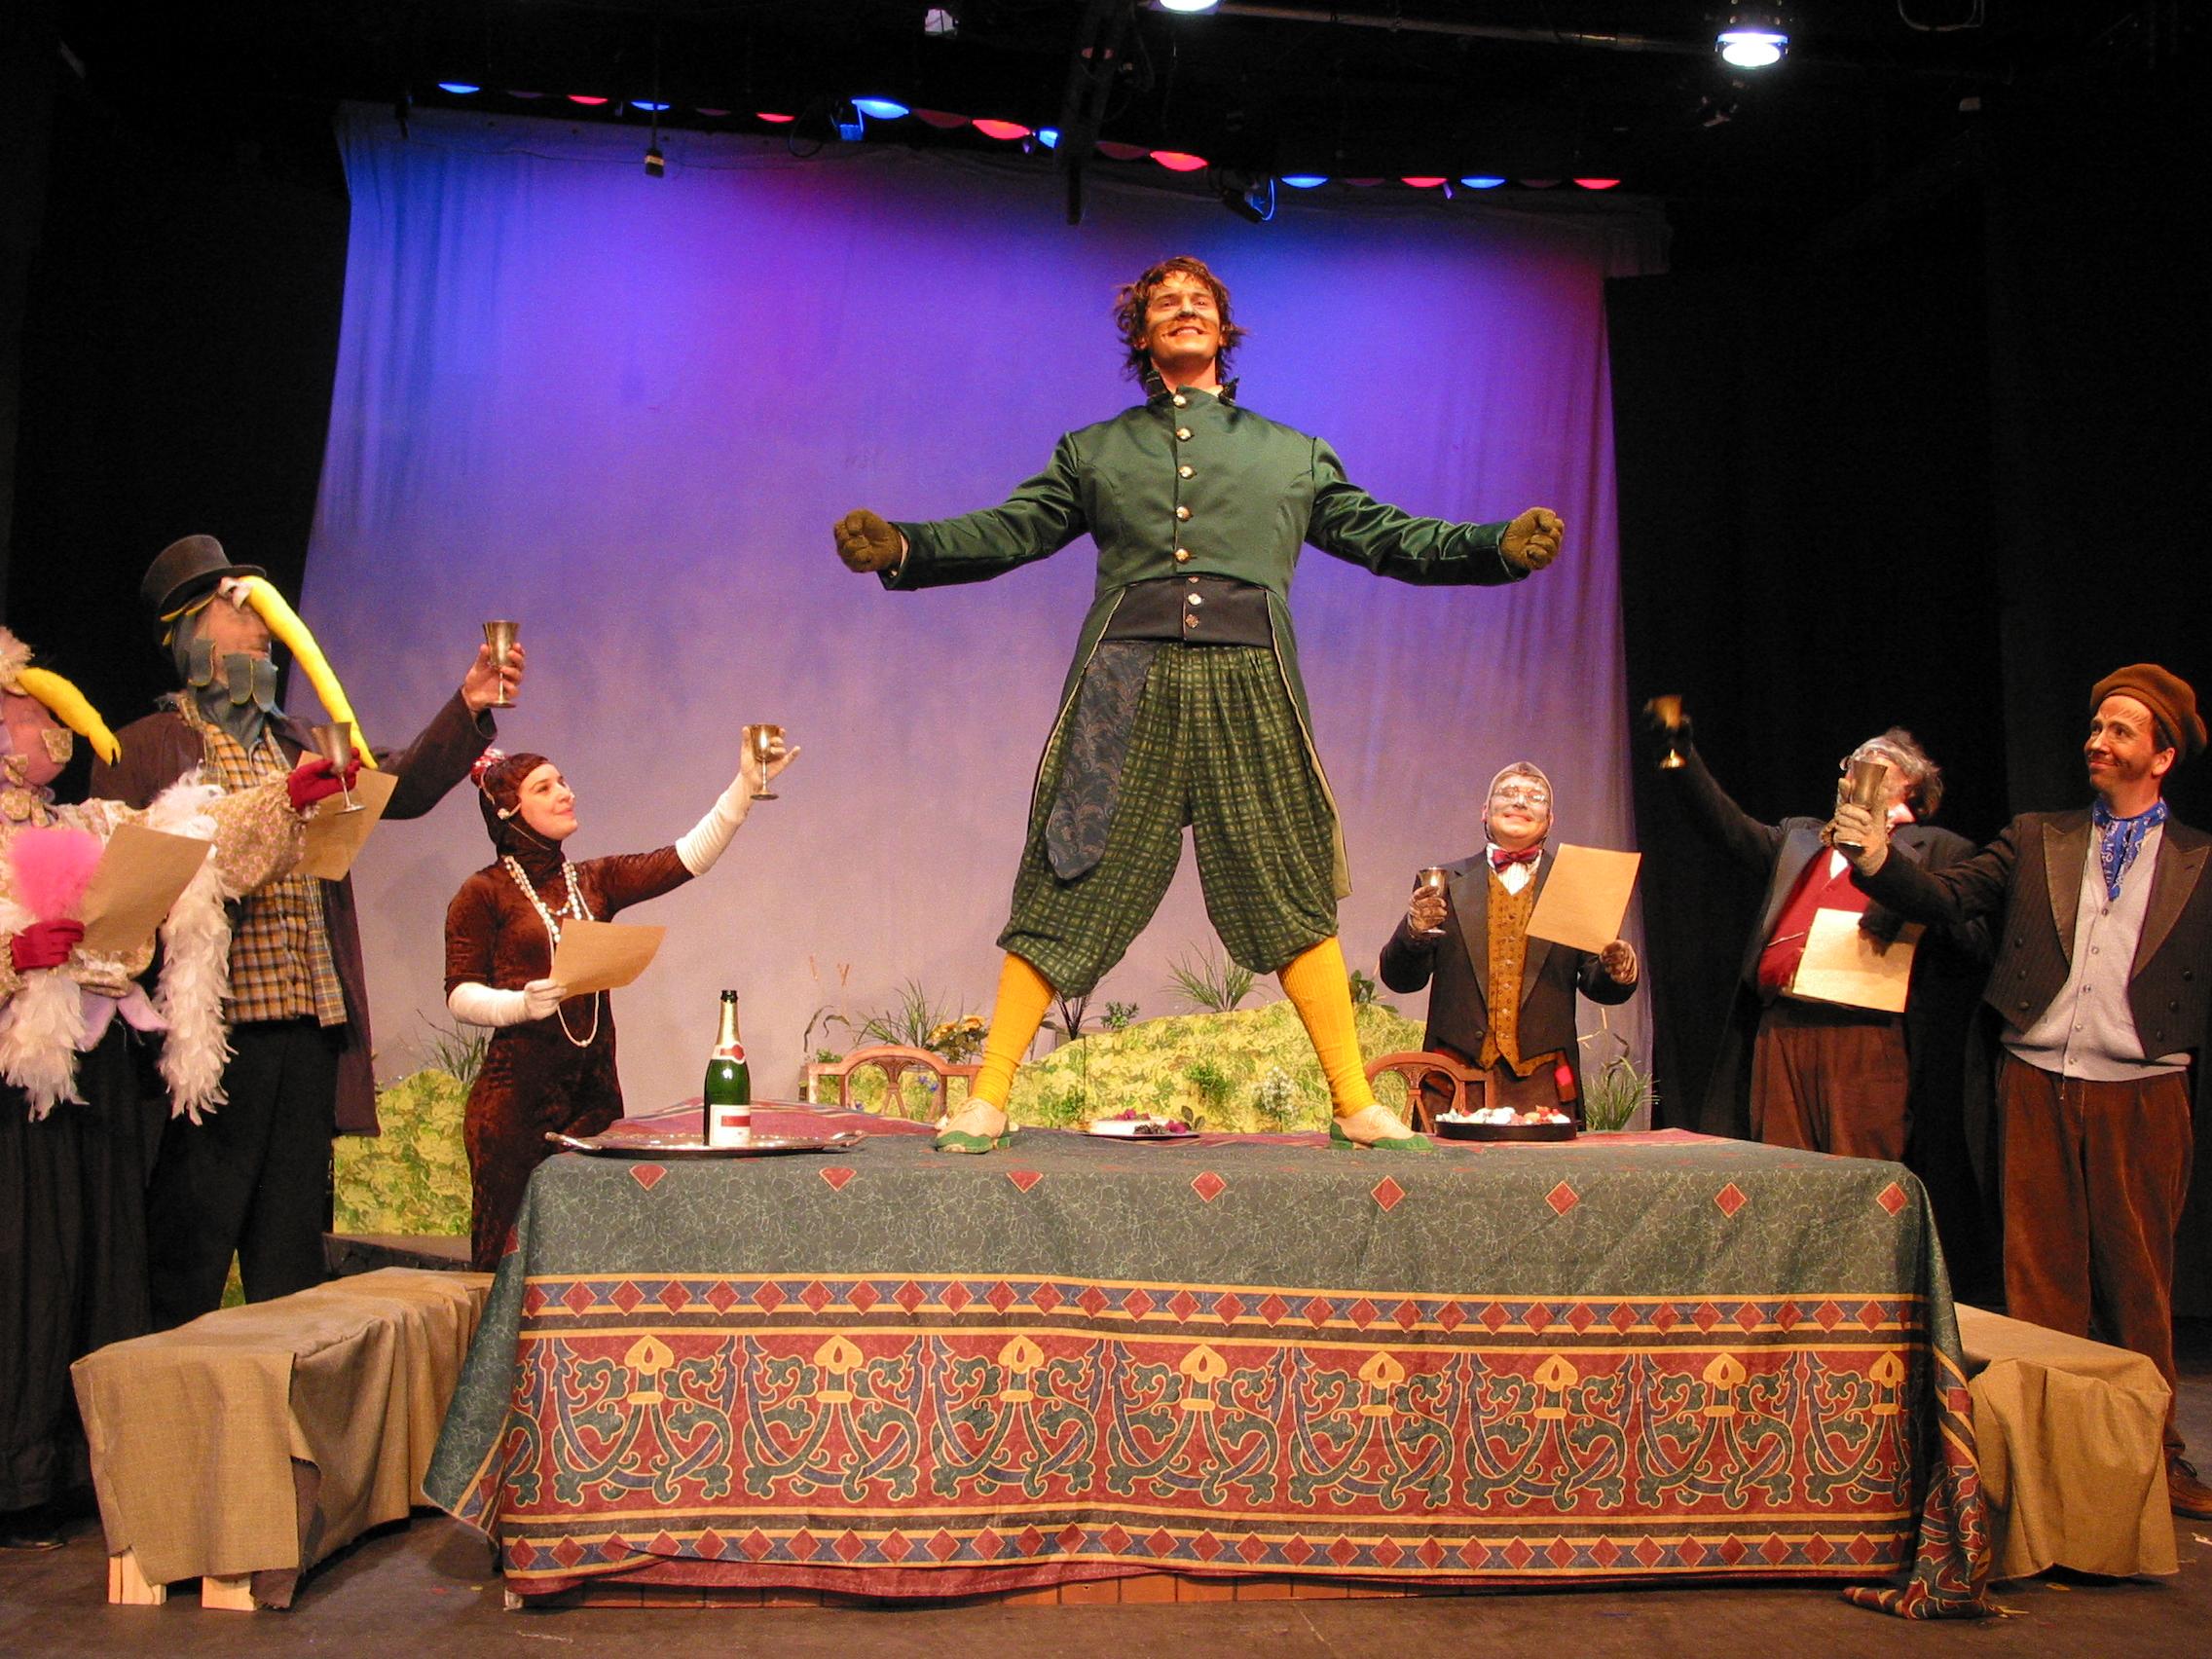 Pendragon Theatre